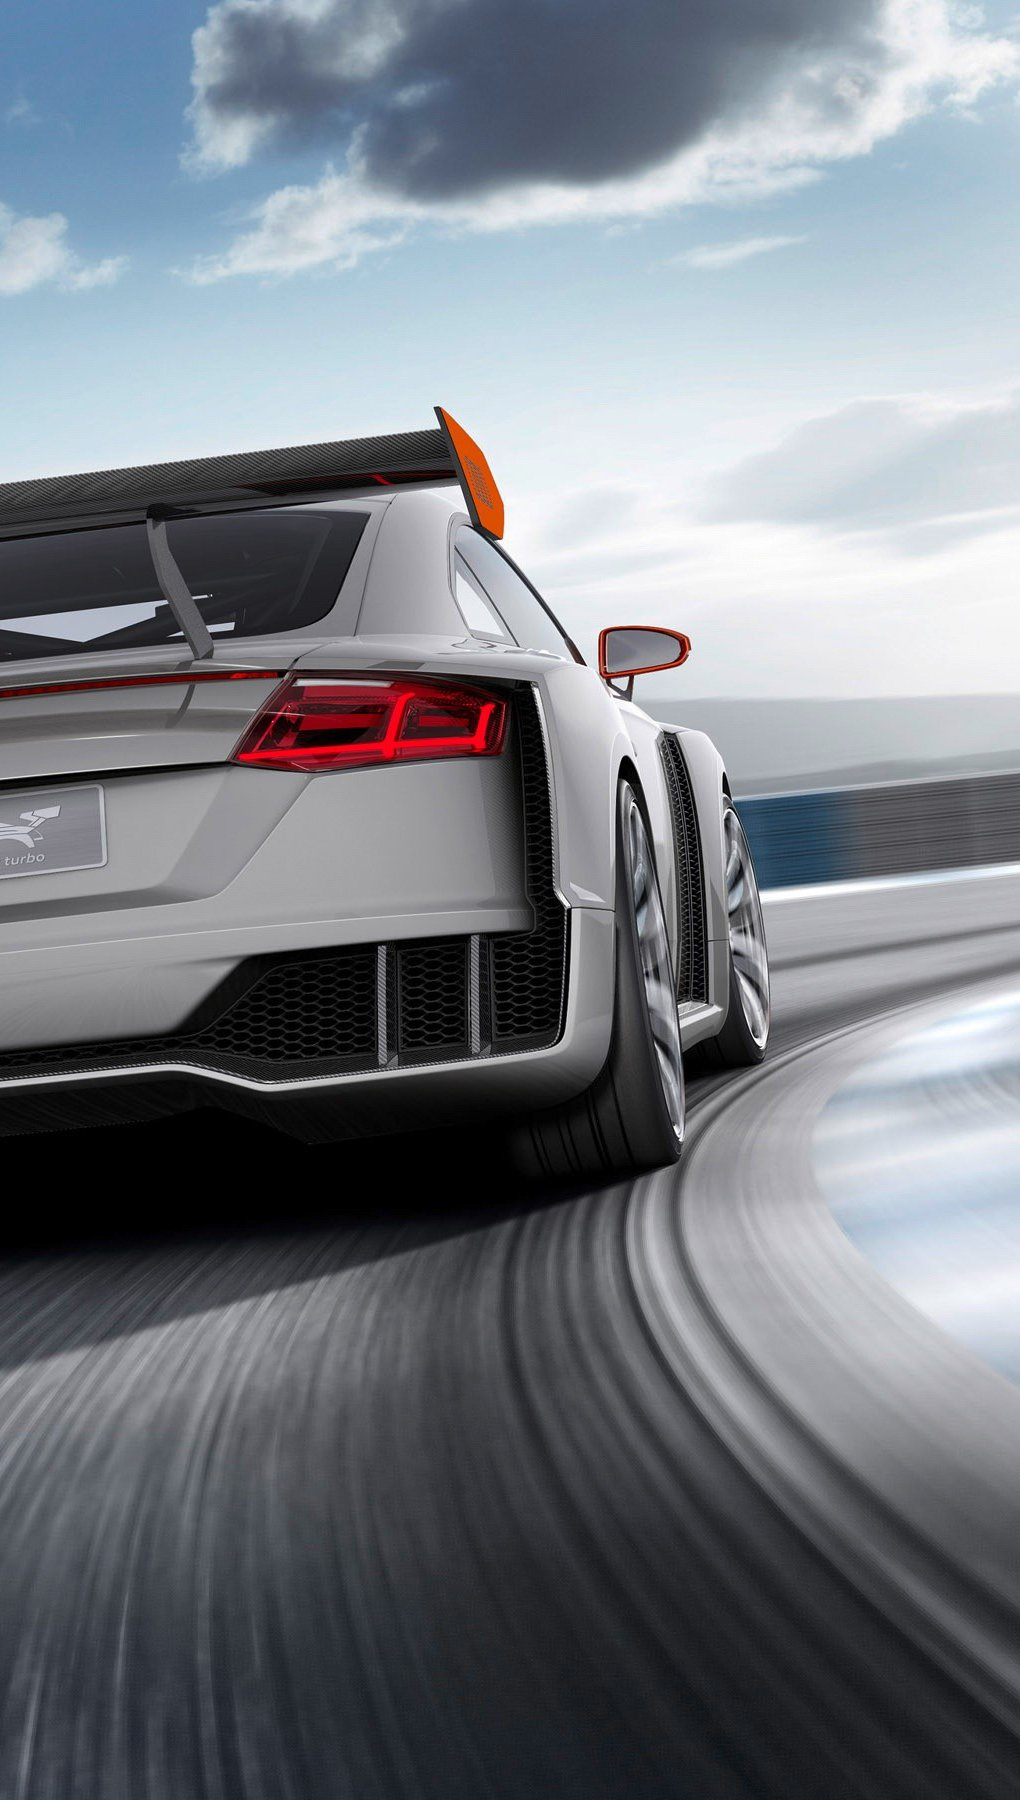 Fondos de pantalla Audi TT Clubsport Turbo Concept Vertical